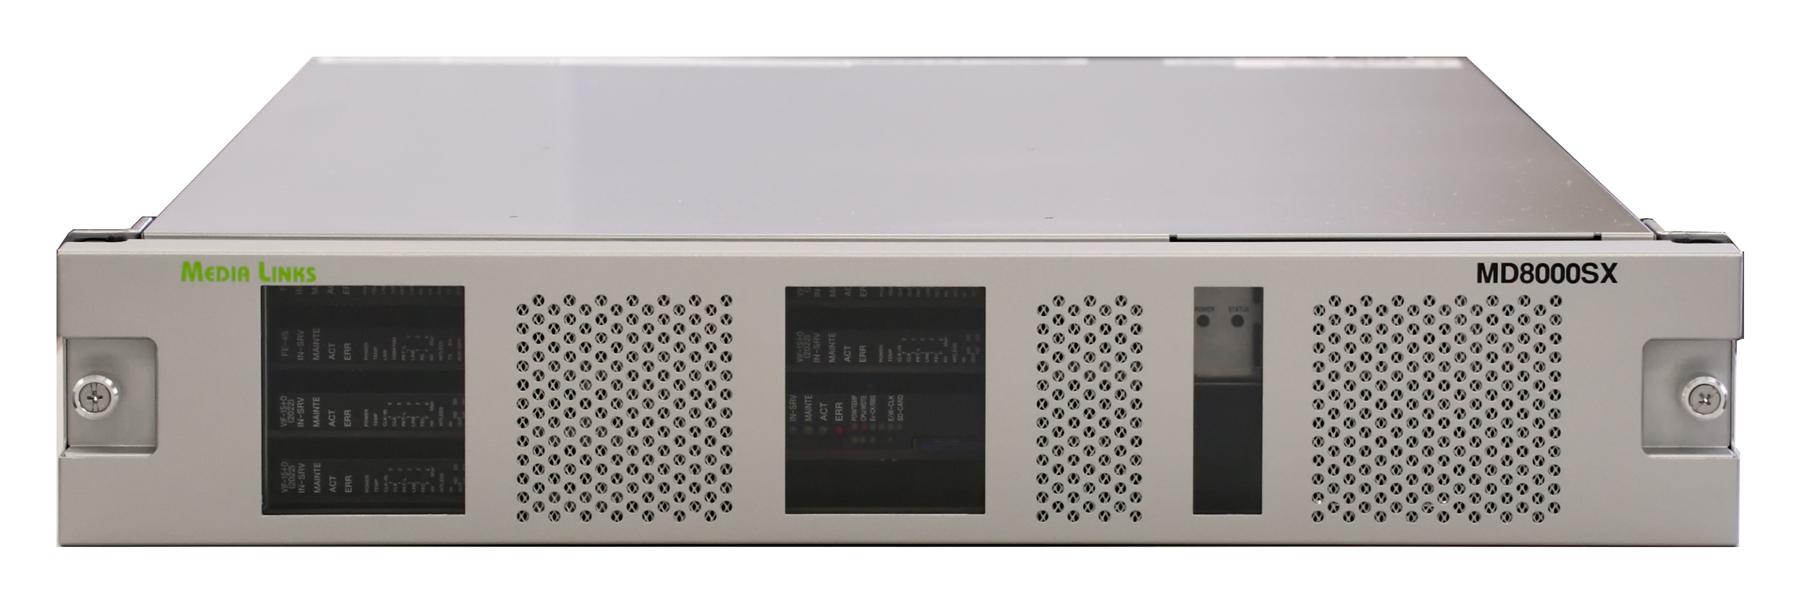 MD8000SX-F